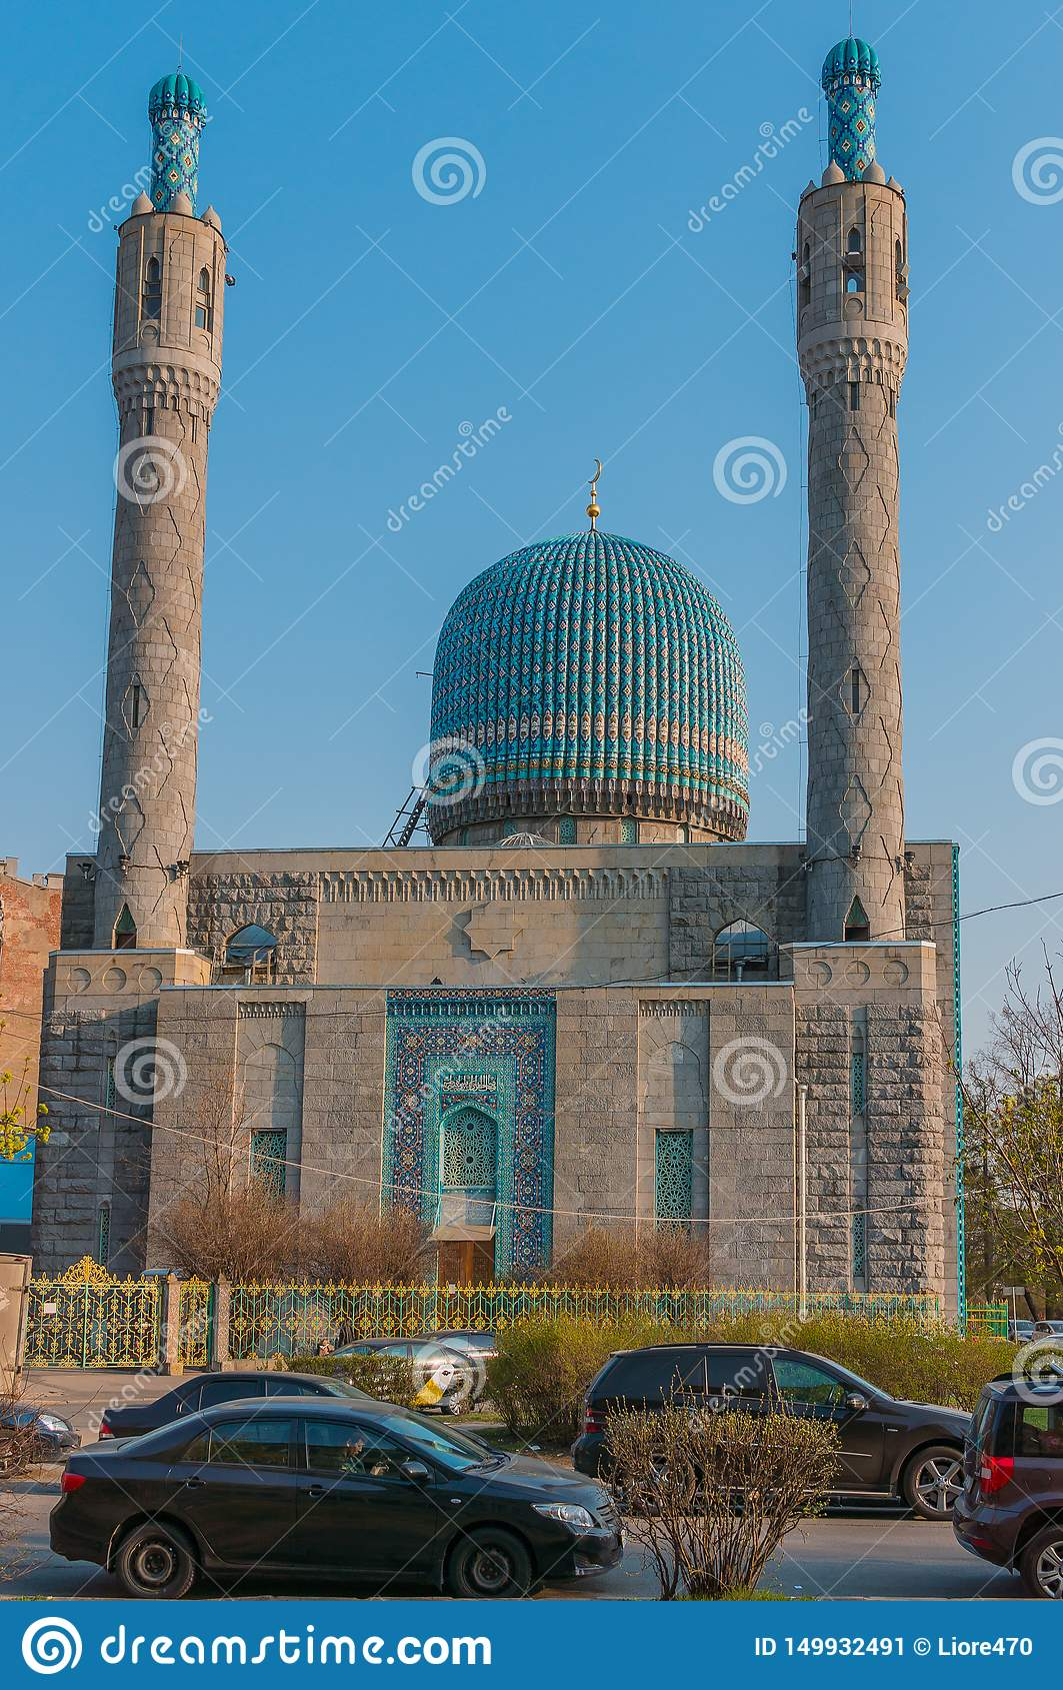 Αγία Πετρούπολη, Ρωσία - 04 26 2019: Το μουσουλμανικό τέμενος καθεδρικών ναών της Αγία Πετρούπολης είναι ένα θρησκευτικό κτήριο Τ